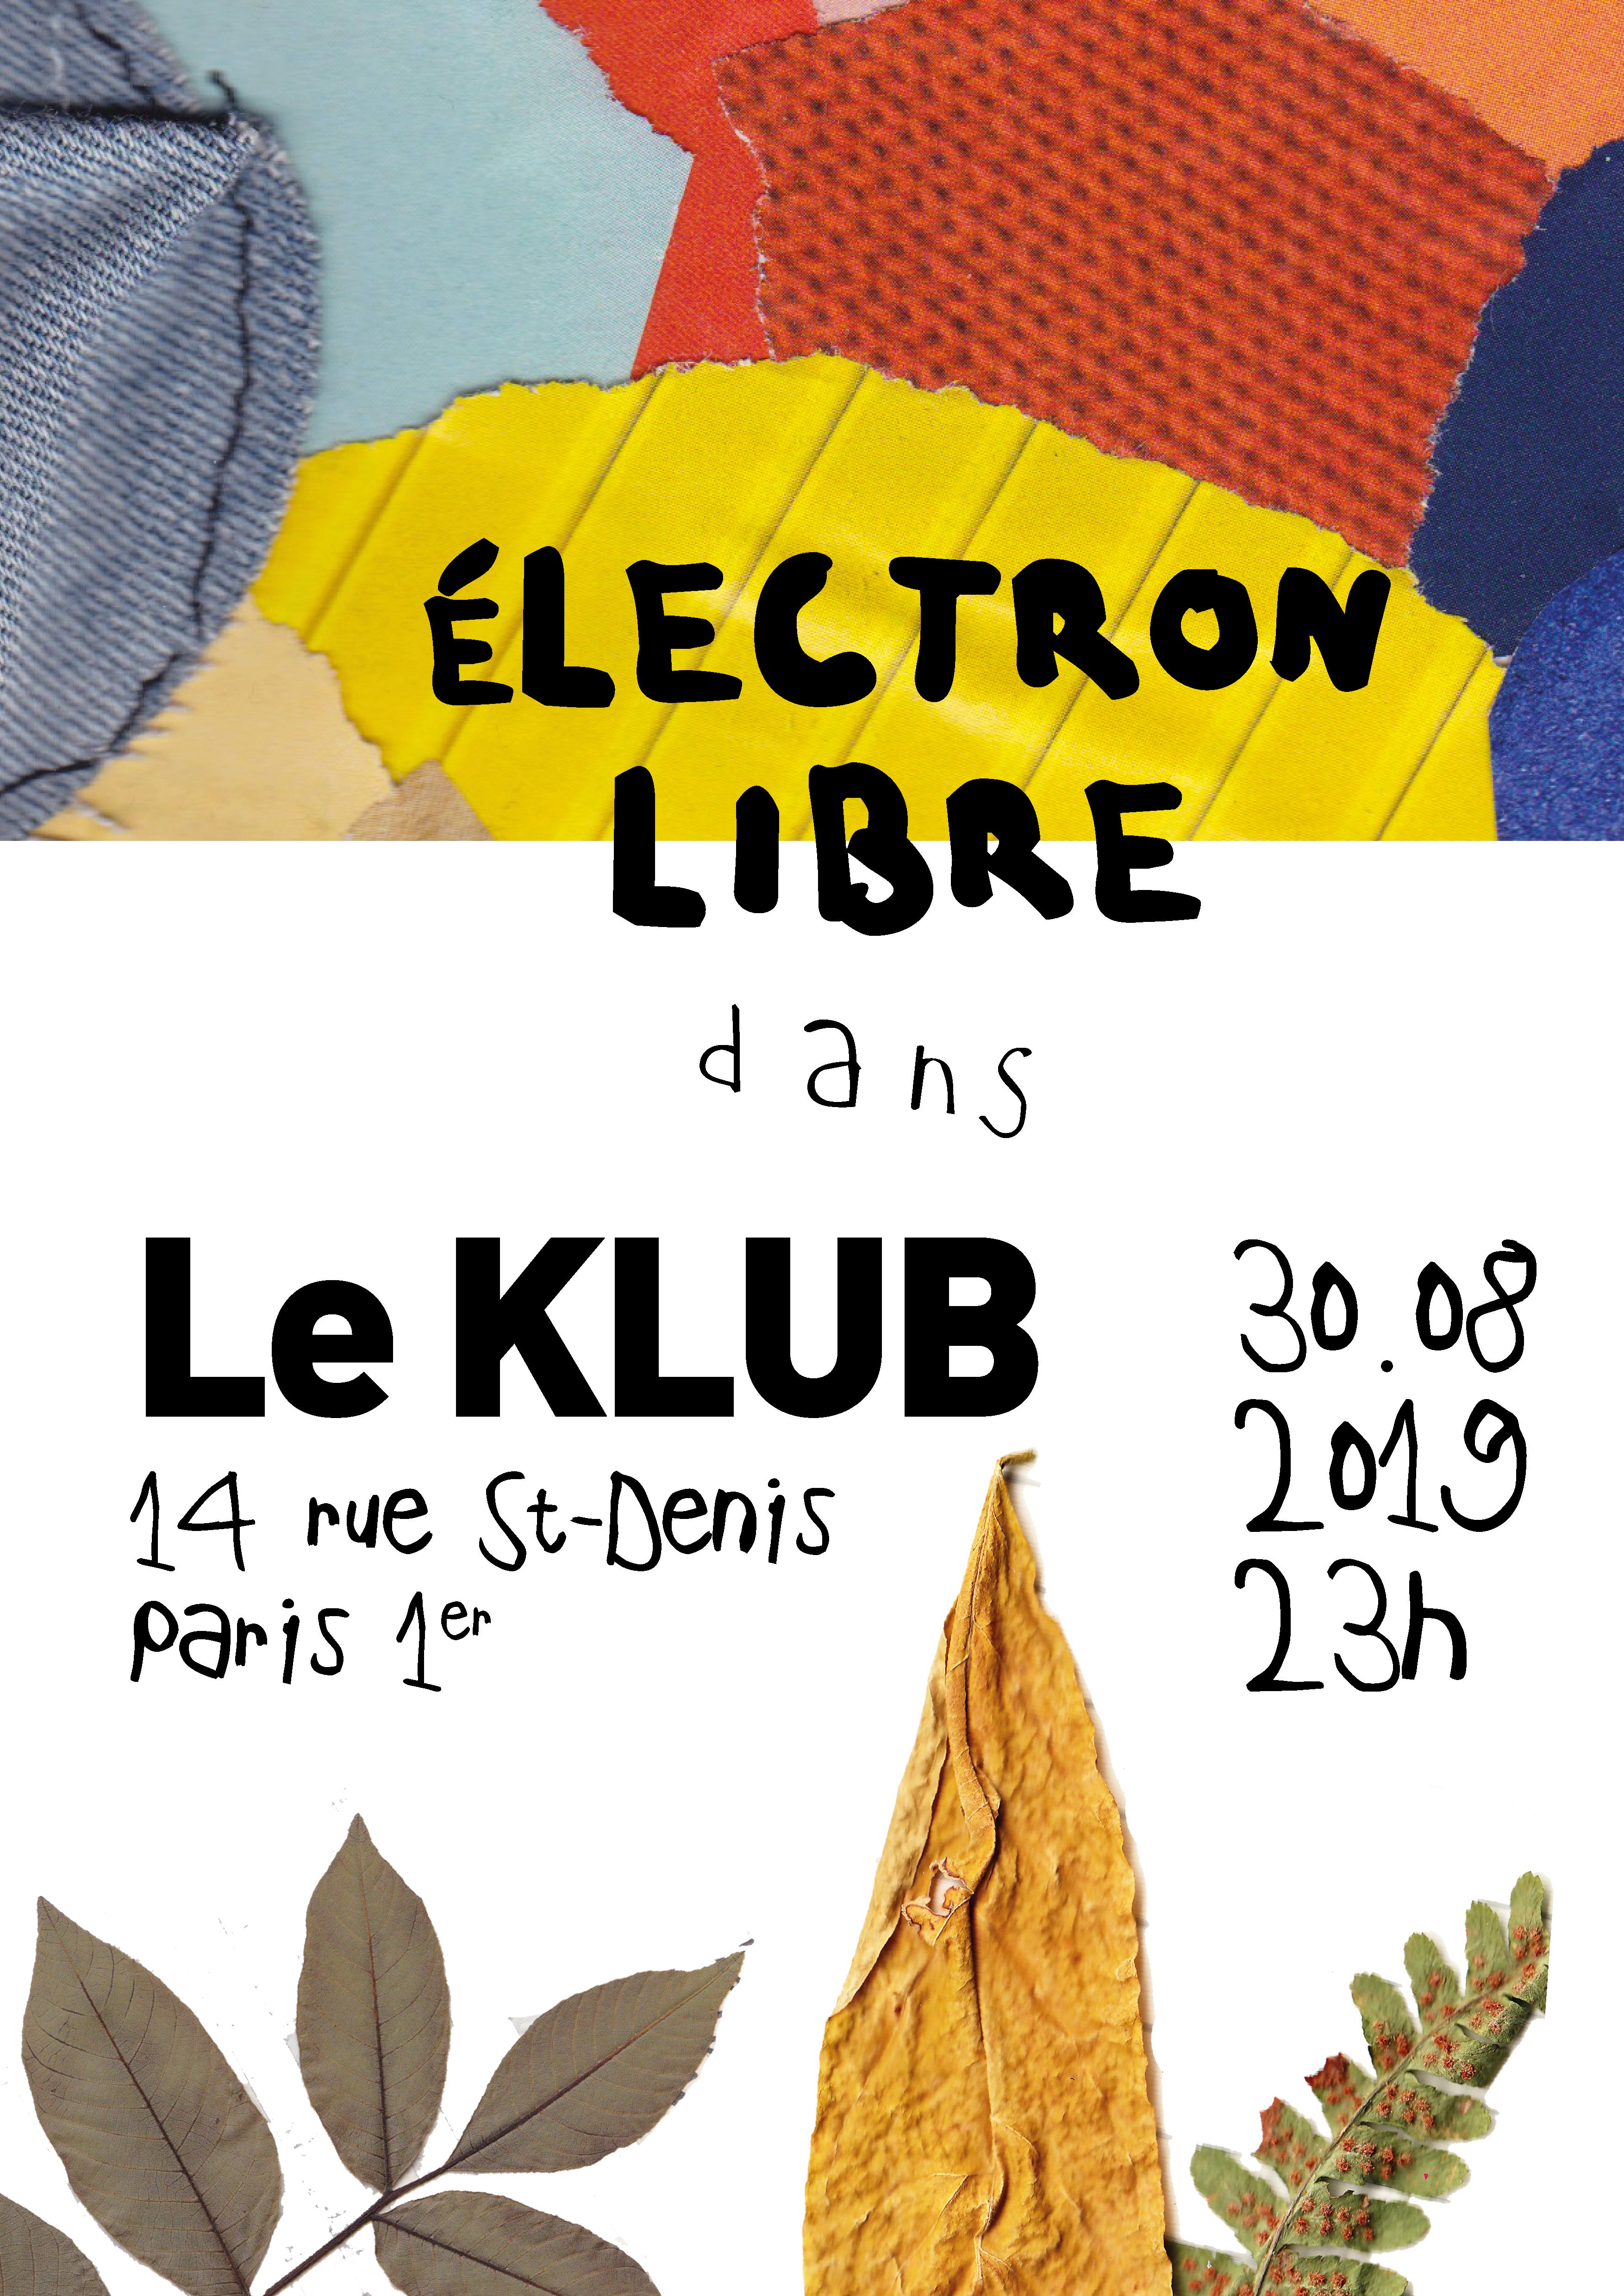 ELECTRON LIBRE // 30.08